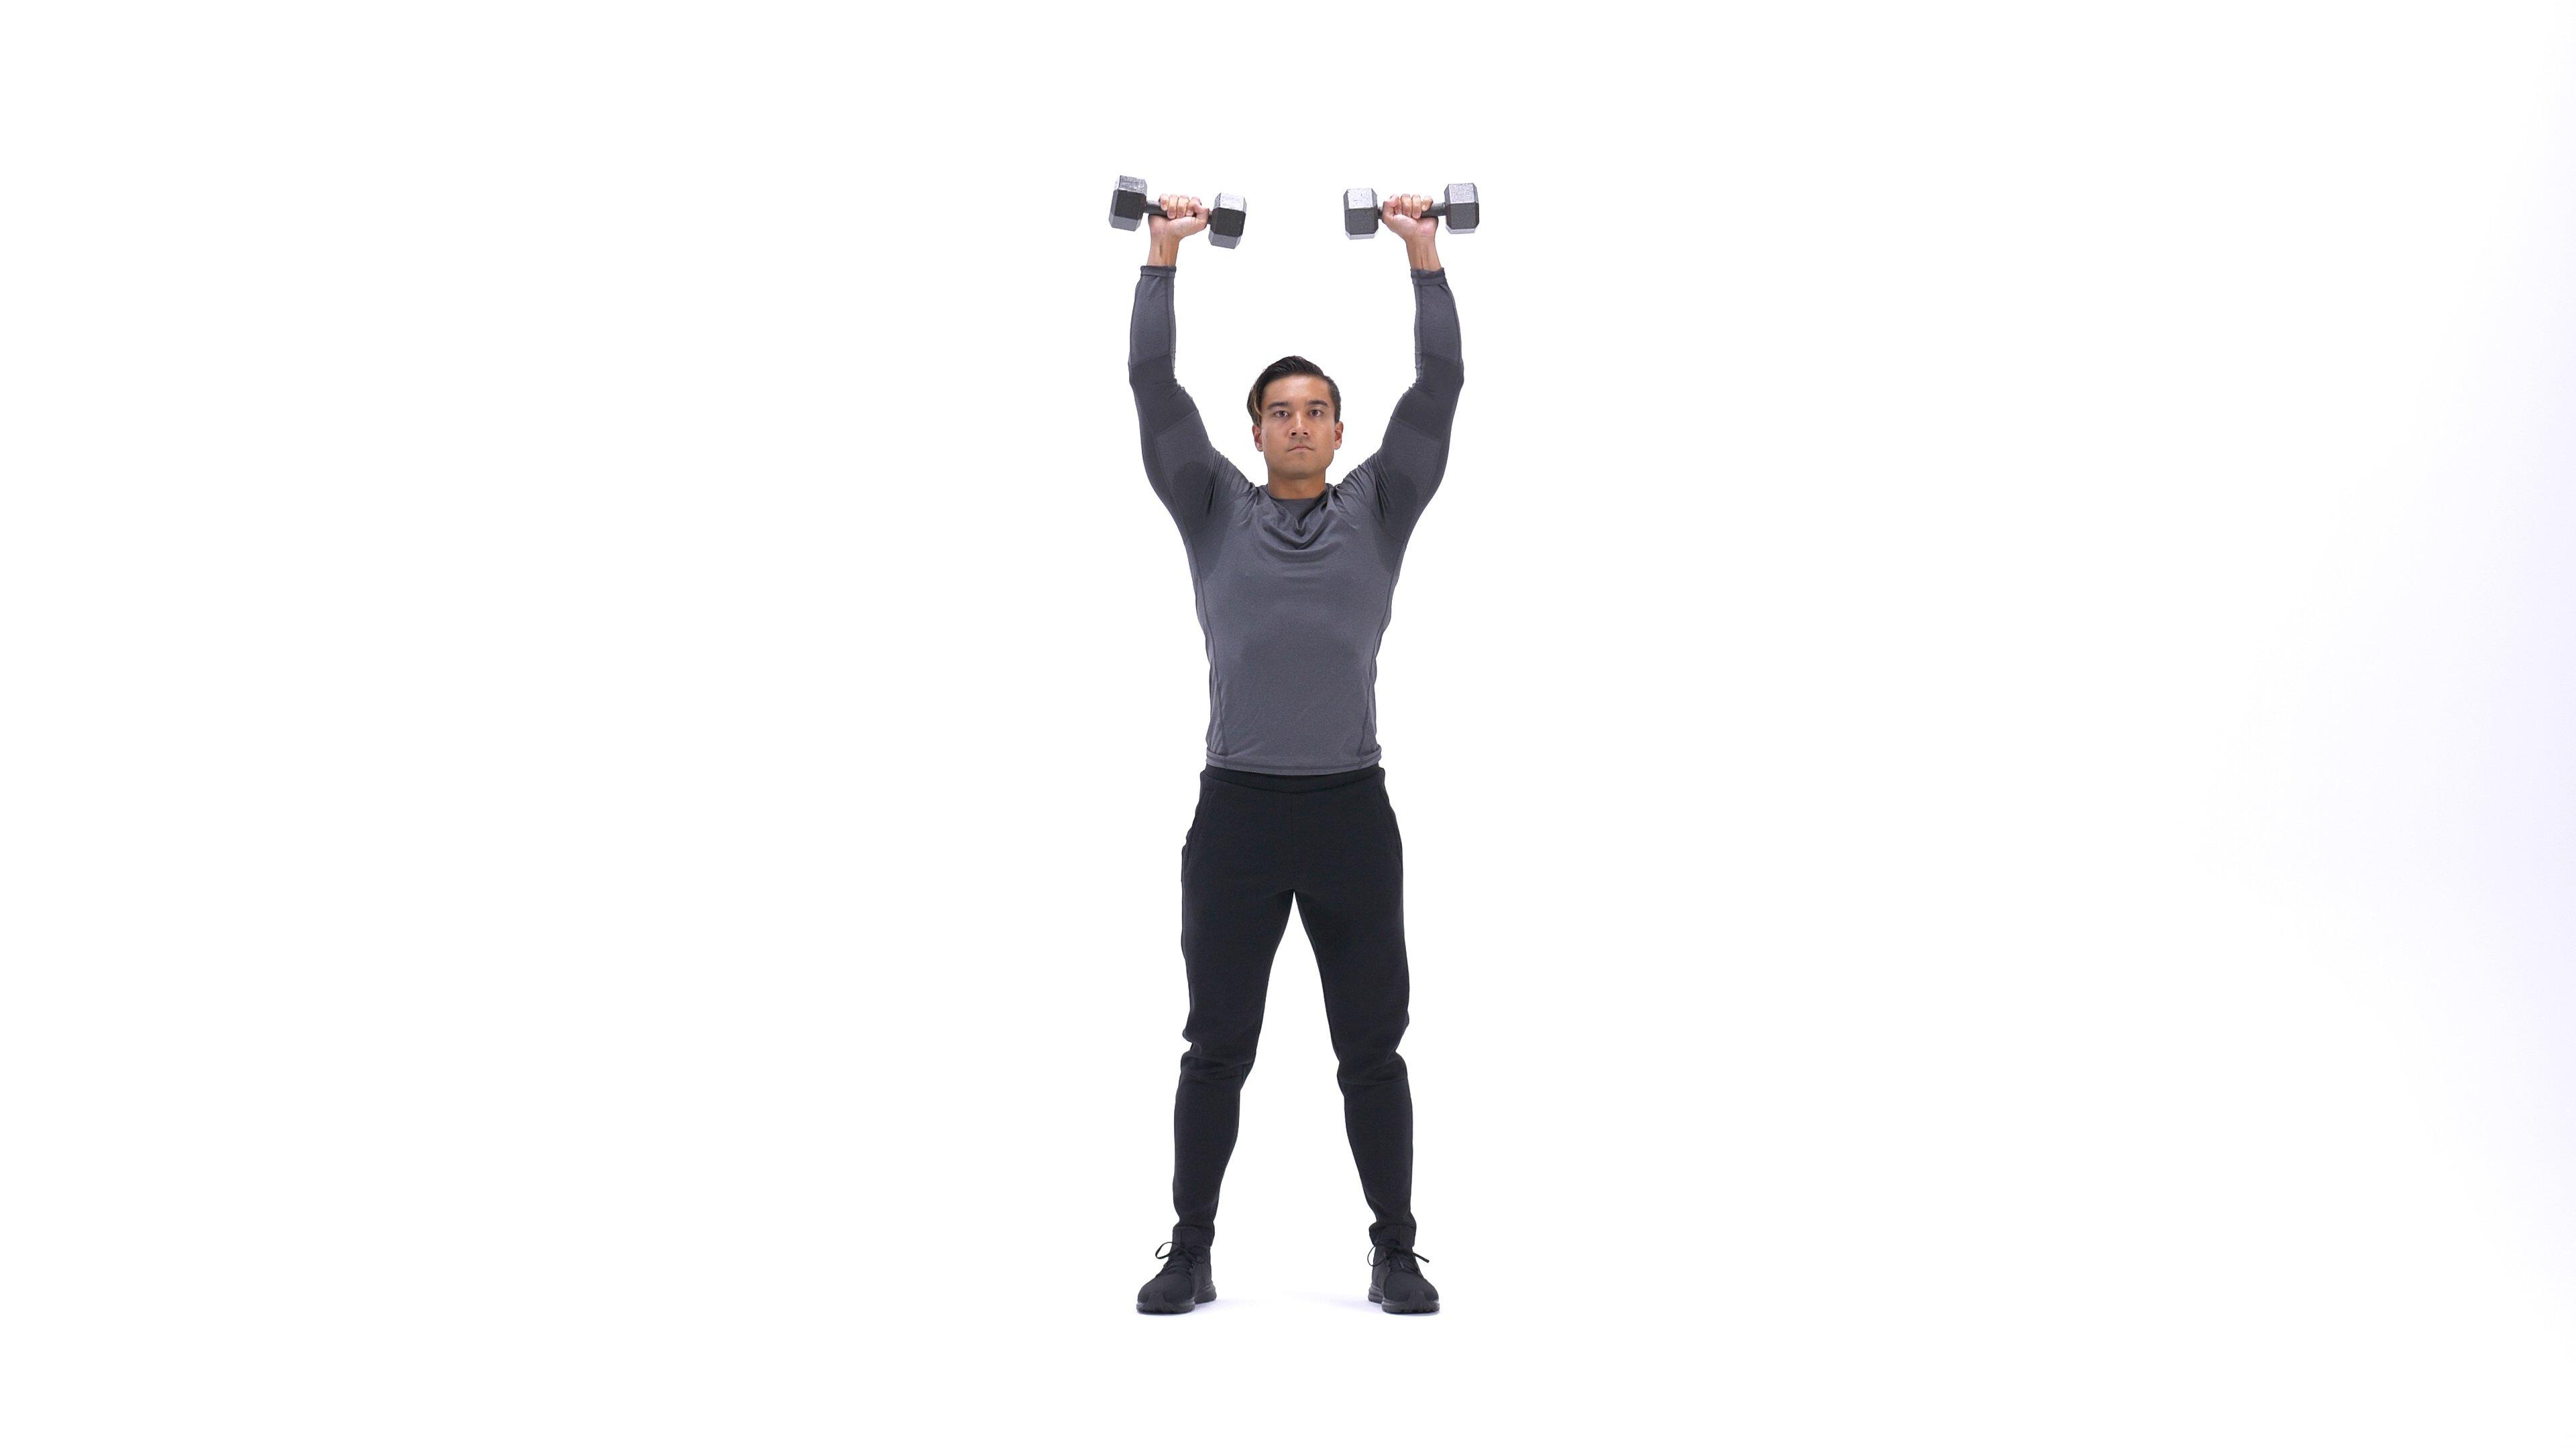 Standing dumbbell shoulder press image